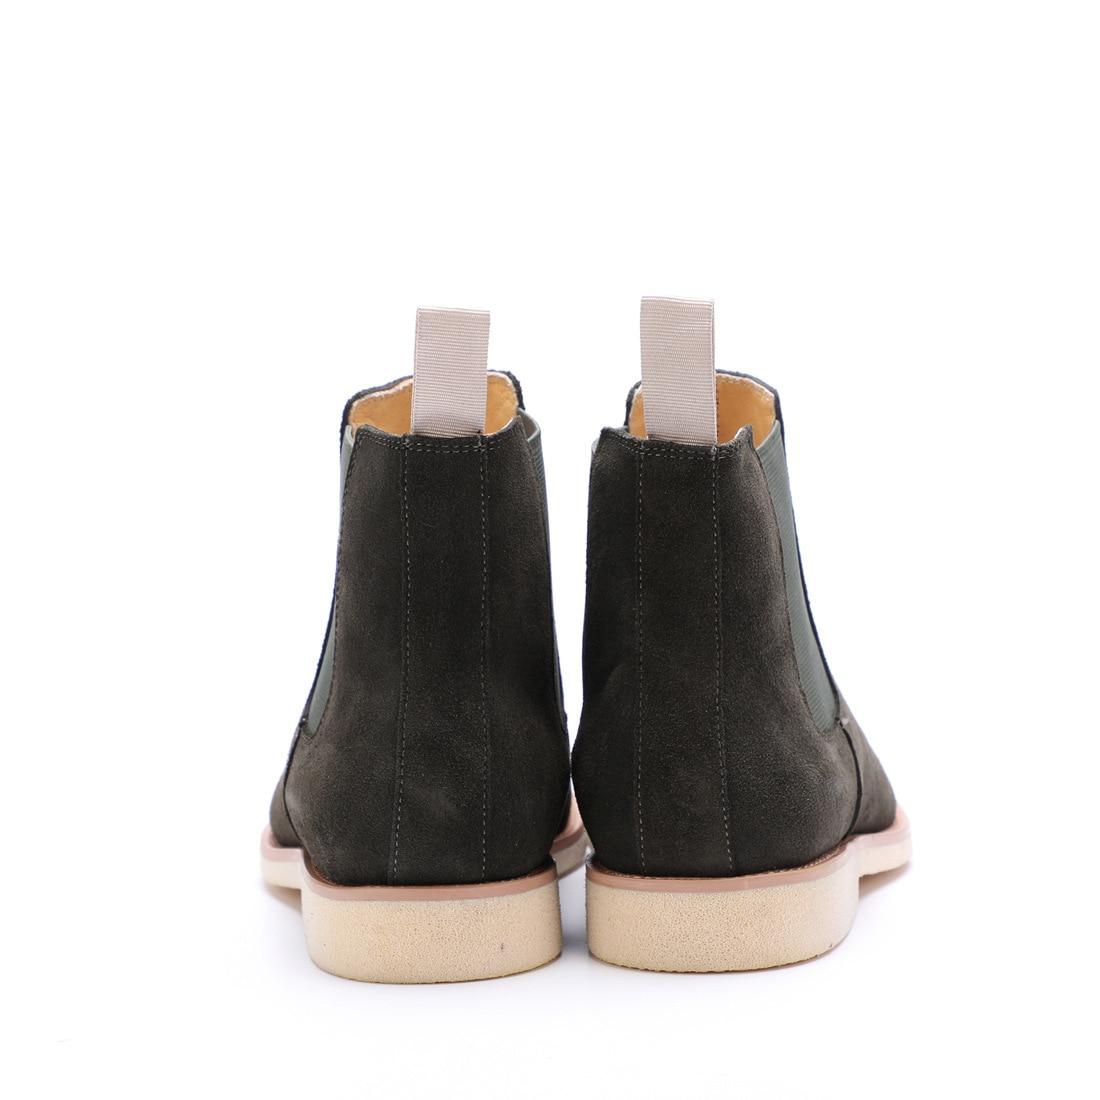 QYFCIOUFU 2019 NIEUWE Mannen Chelsea Laarzen Mode Suède Enkellaarsjes Mode mannen Merk Echt Lederen Slip Ons Man Werk laarzen Schoenen - 5